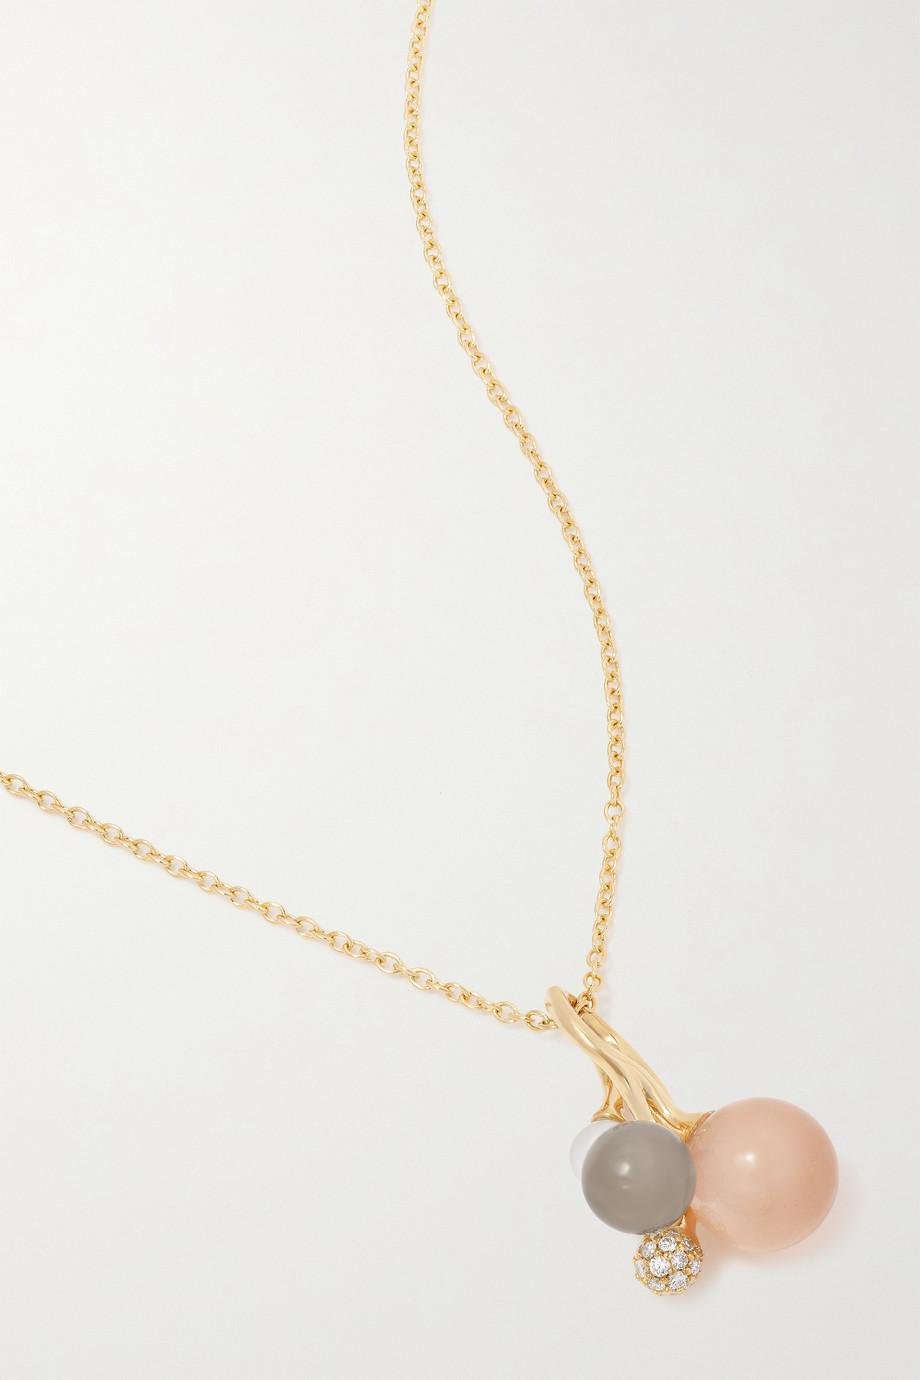 OLE LYNGGAARD COPENHAGEN Kette aus 18 Karat Gold mit mehreren Steinen